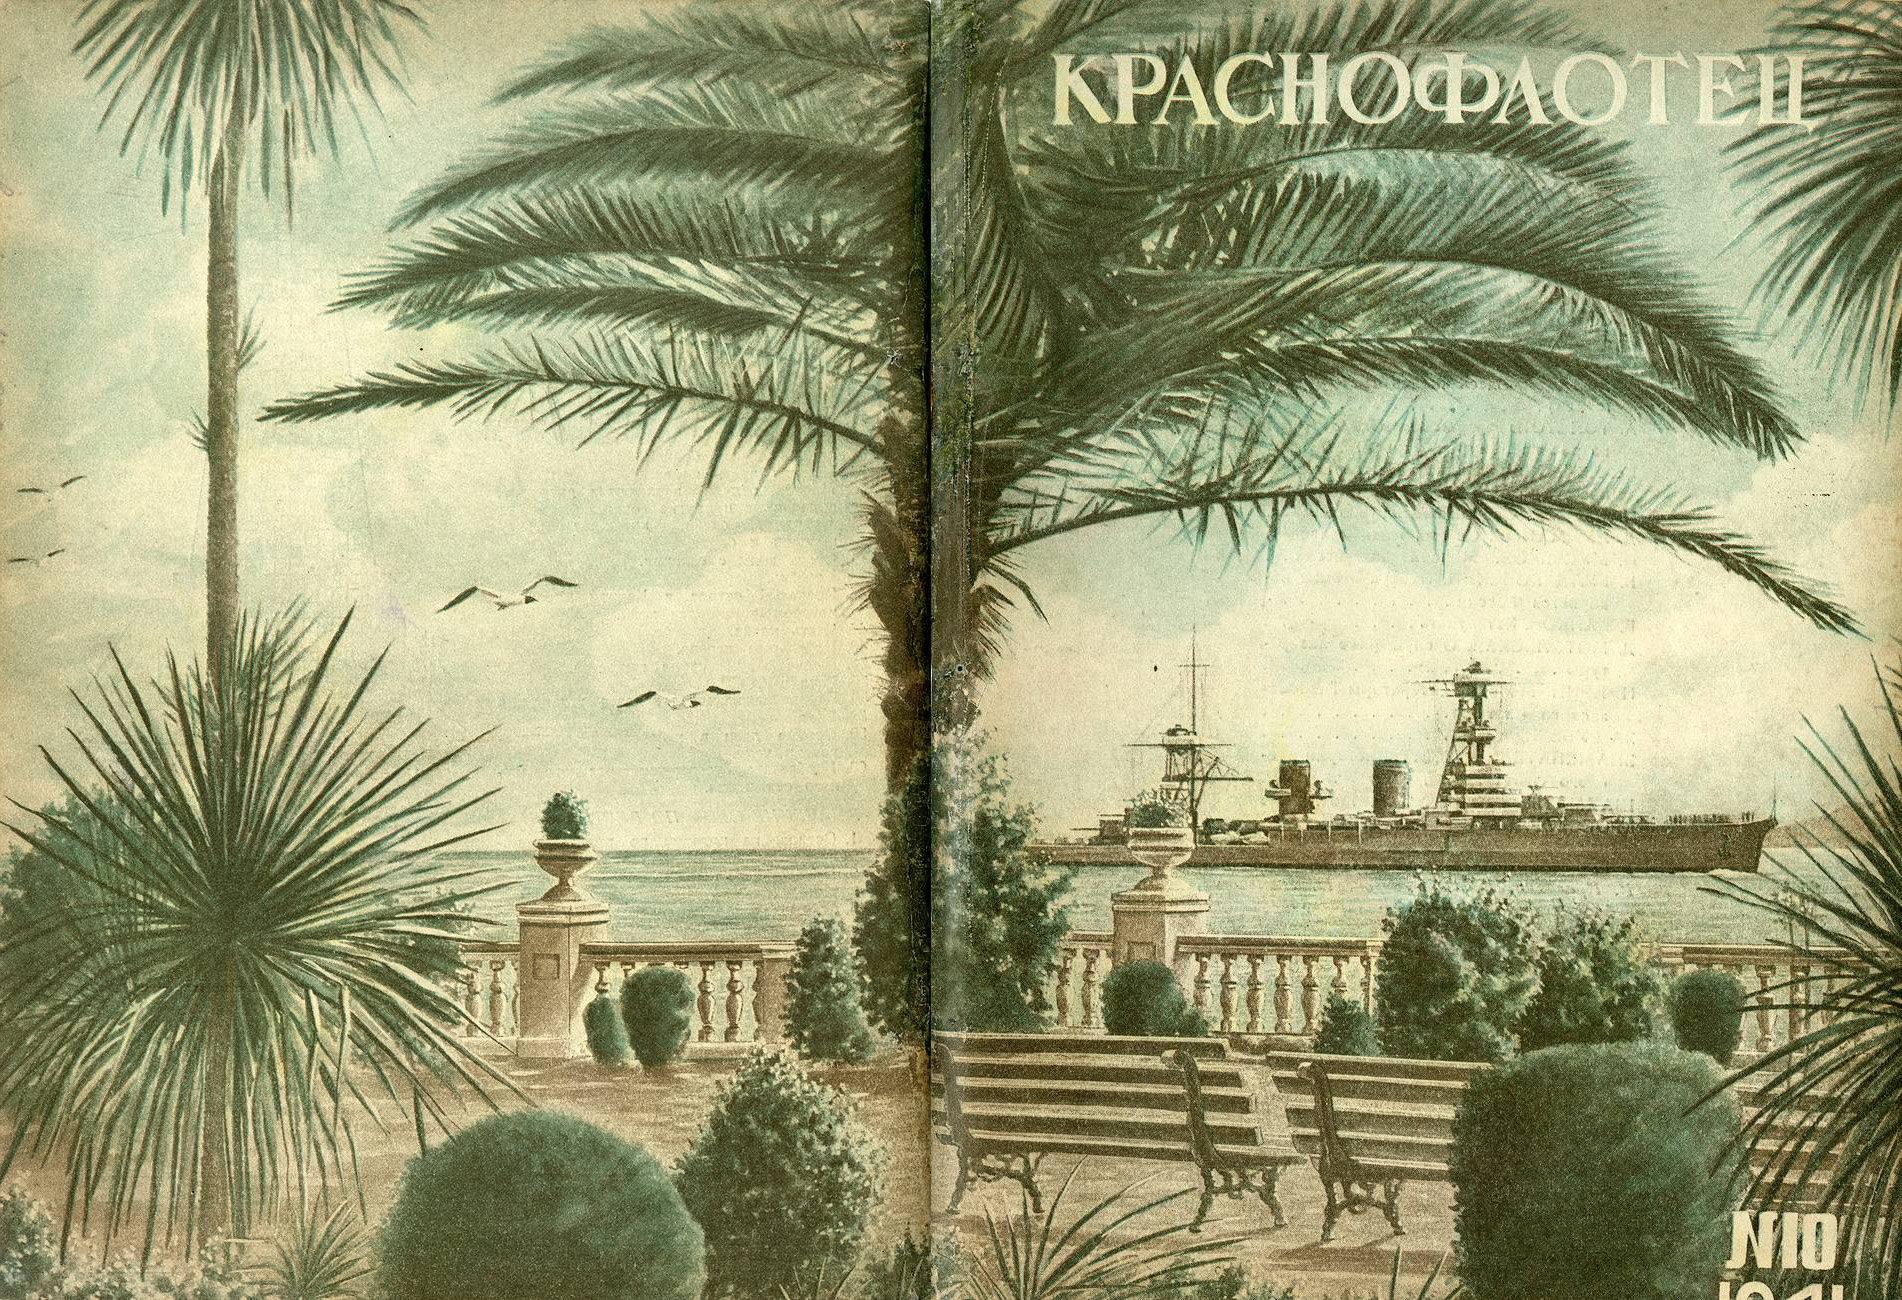 Краснофлотец № 10, май 1941 обложка